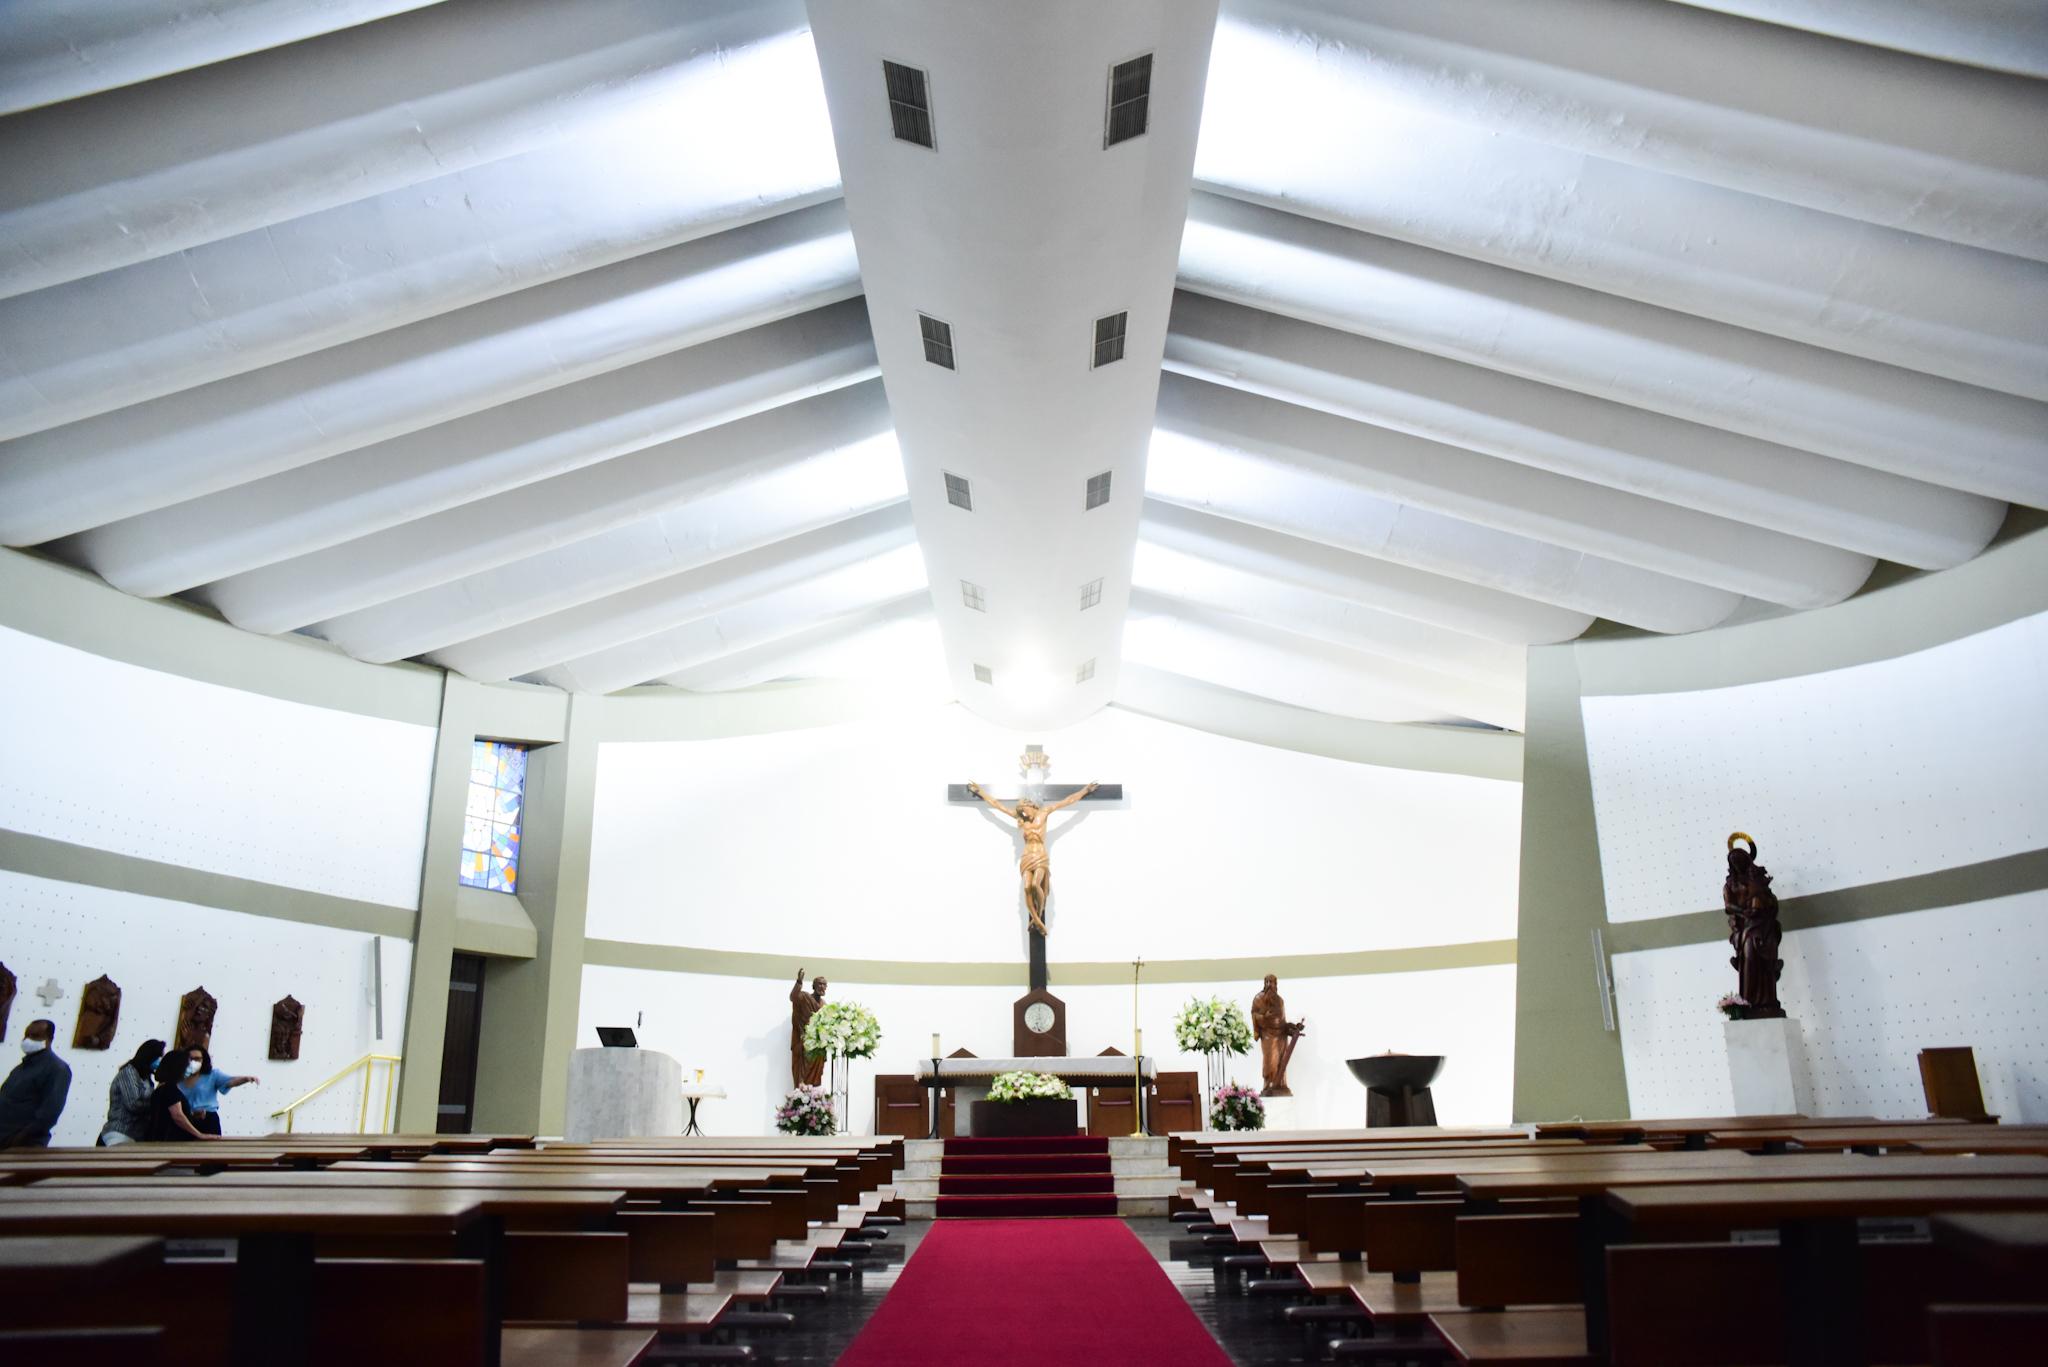 Missa foi realizada na Paróquia São Pedro e São Paulo, no Morumbi. Missa de sétimo dia de Dudu Braga é realizada em São Paulo: fotos